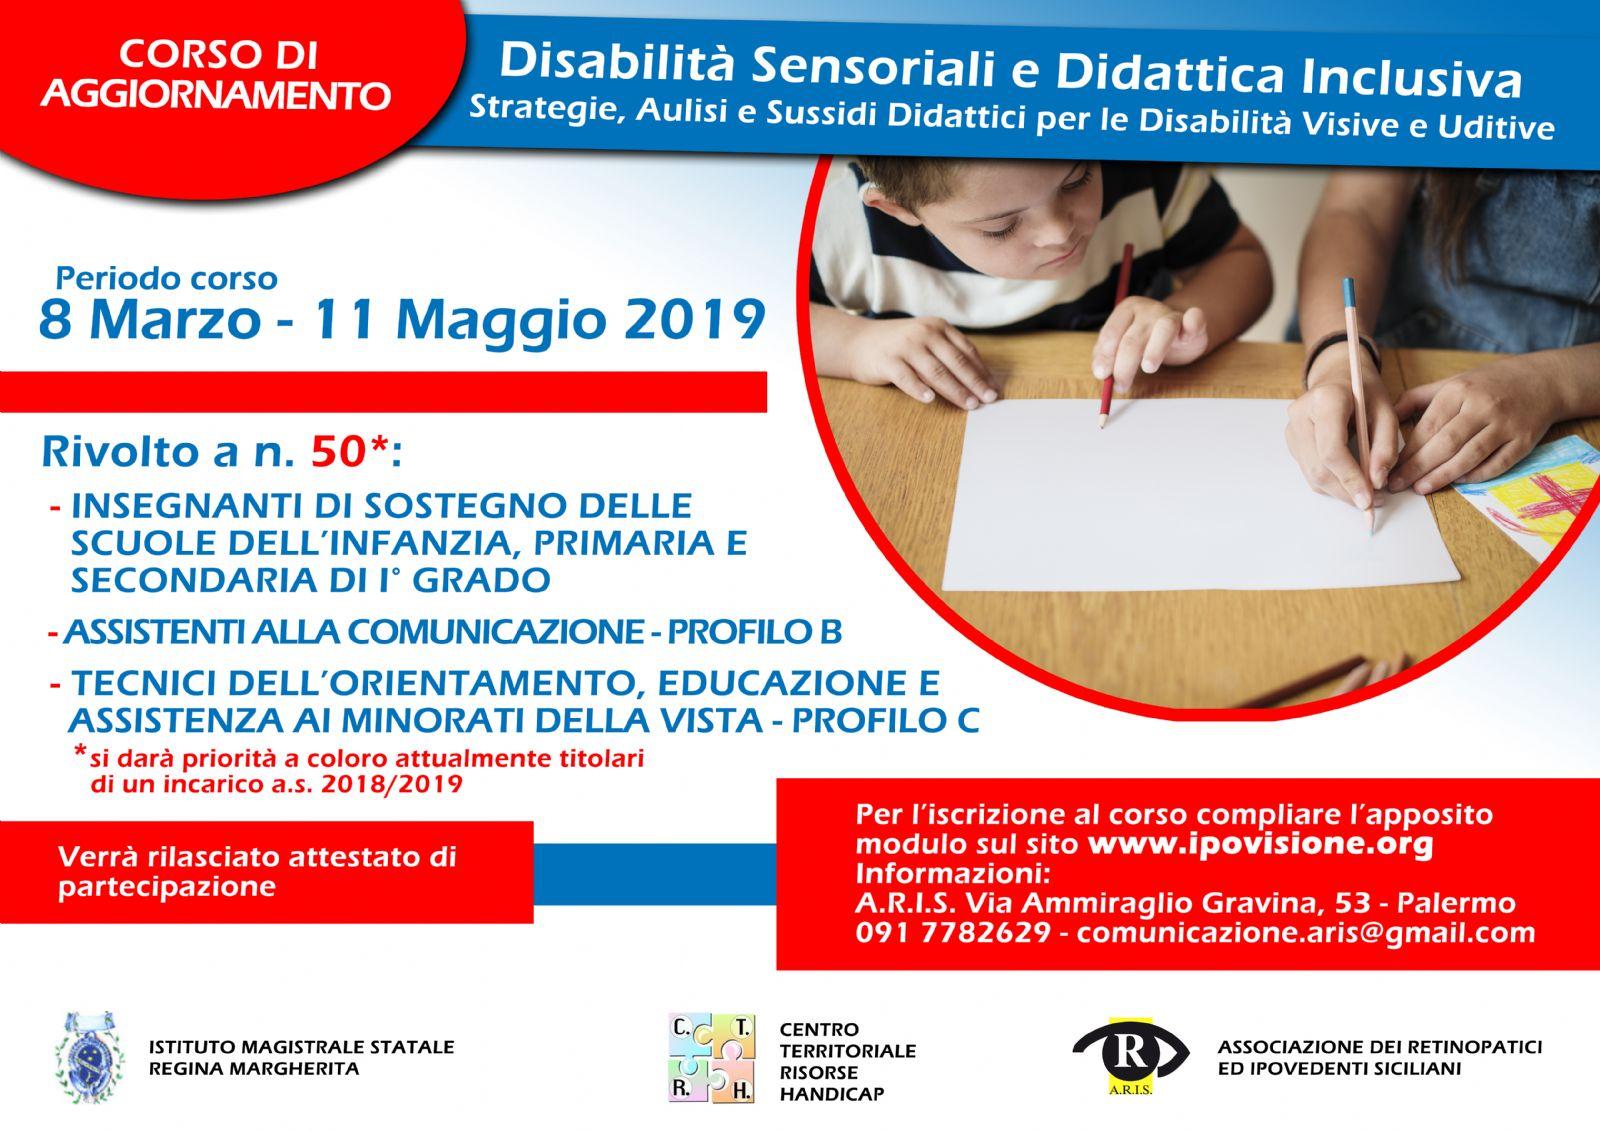 Corso di Aggiornamento - Disabilità Sensoriali e Didattica Inclusiva